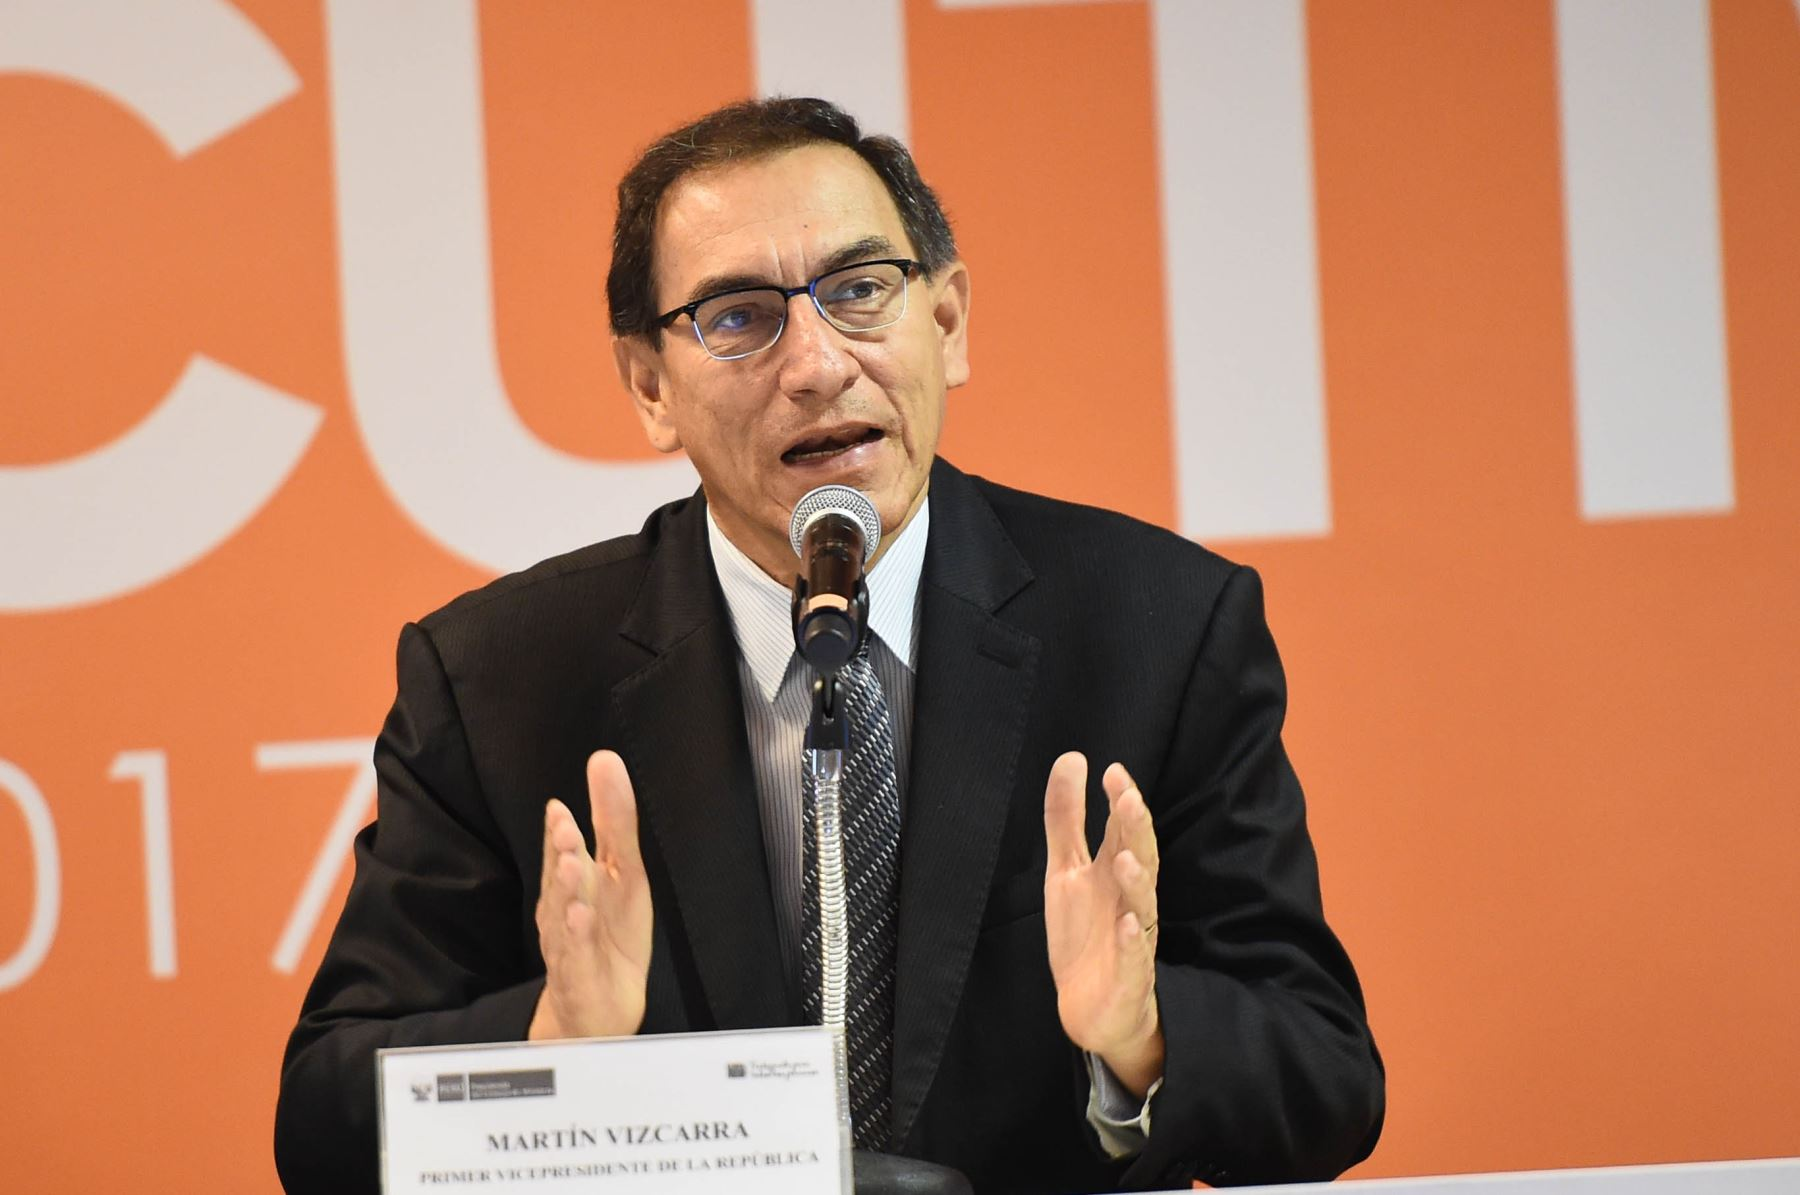 Vicepresidente de la República, Martín Vizcarra. ANDINA/Difusión